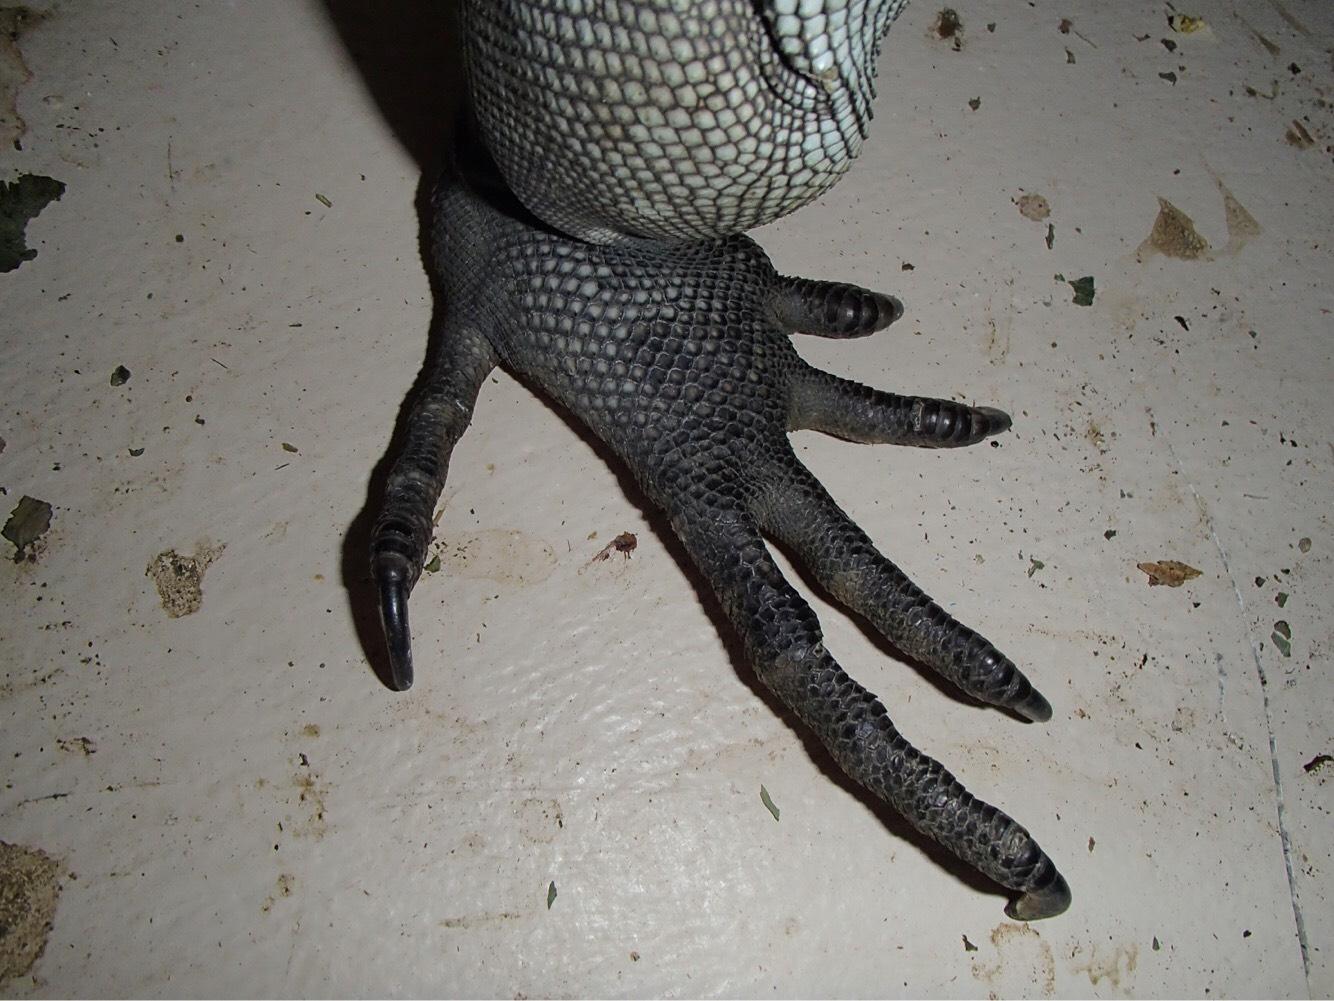 a close-up of an iguana's foot